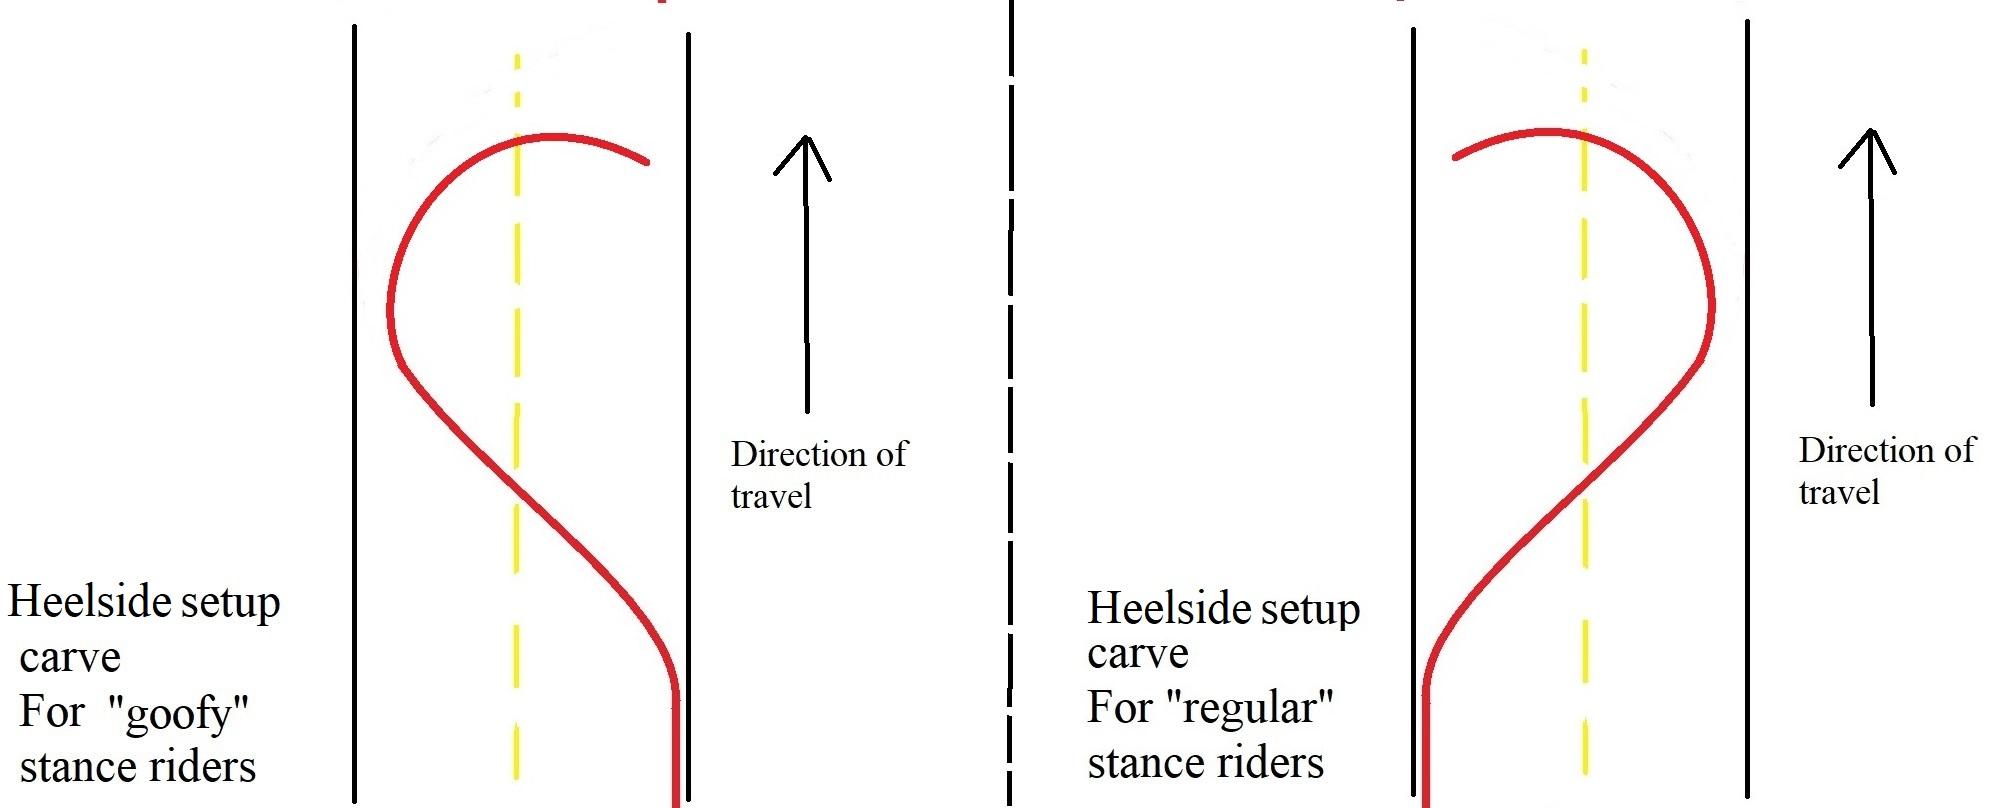 set up carve explanation for longboard sliding